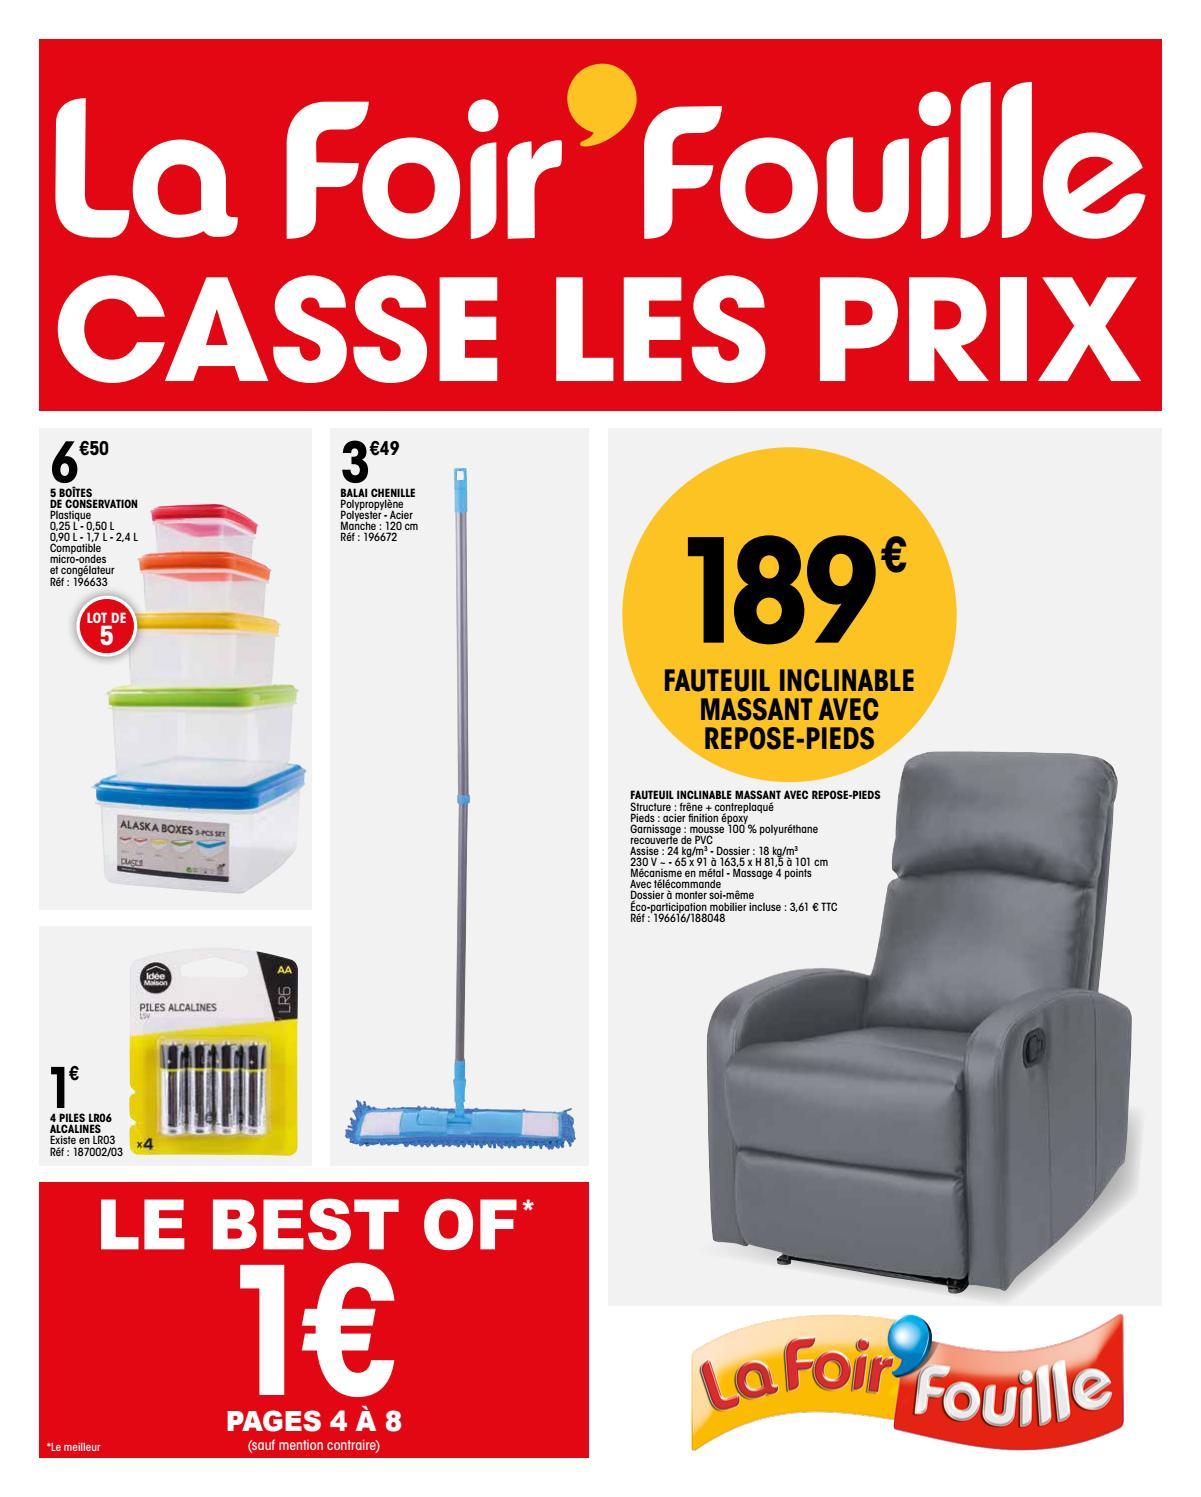 Meuble Bois Et Chiffons Catalogue Meuble Tele Bois Et Chiffons  # Catalogue Les Meubles Bois